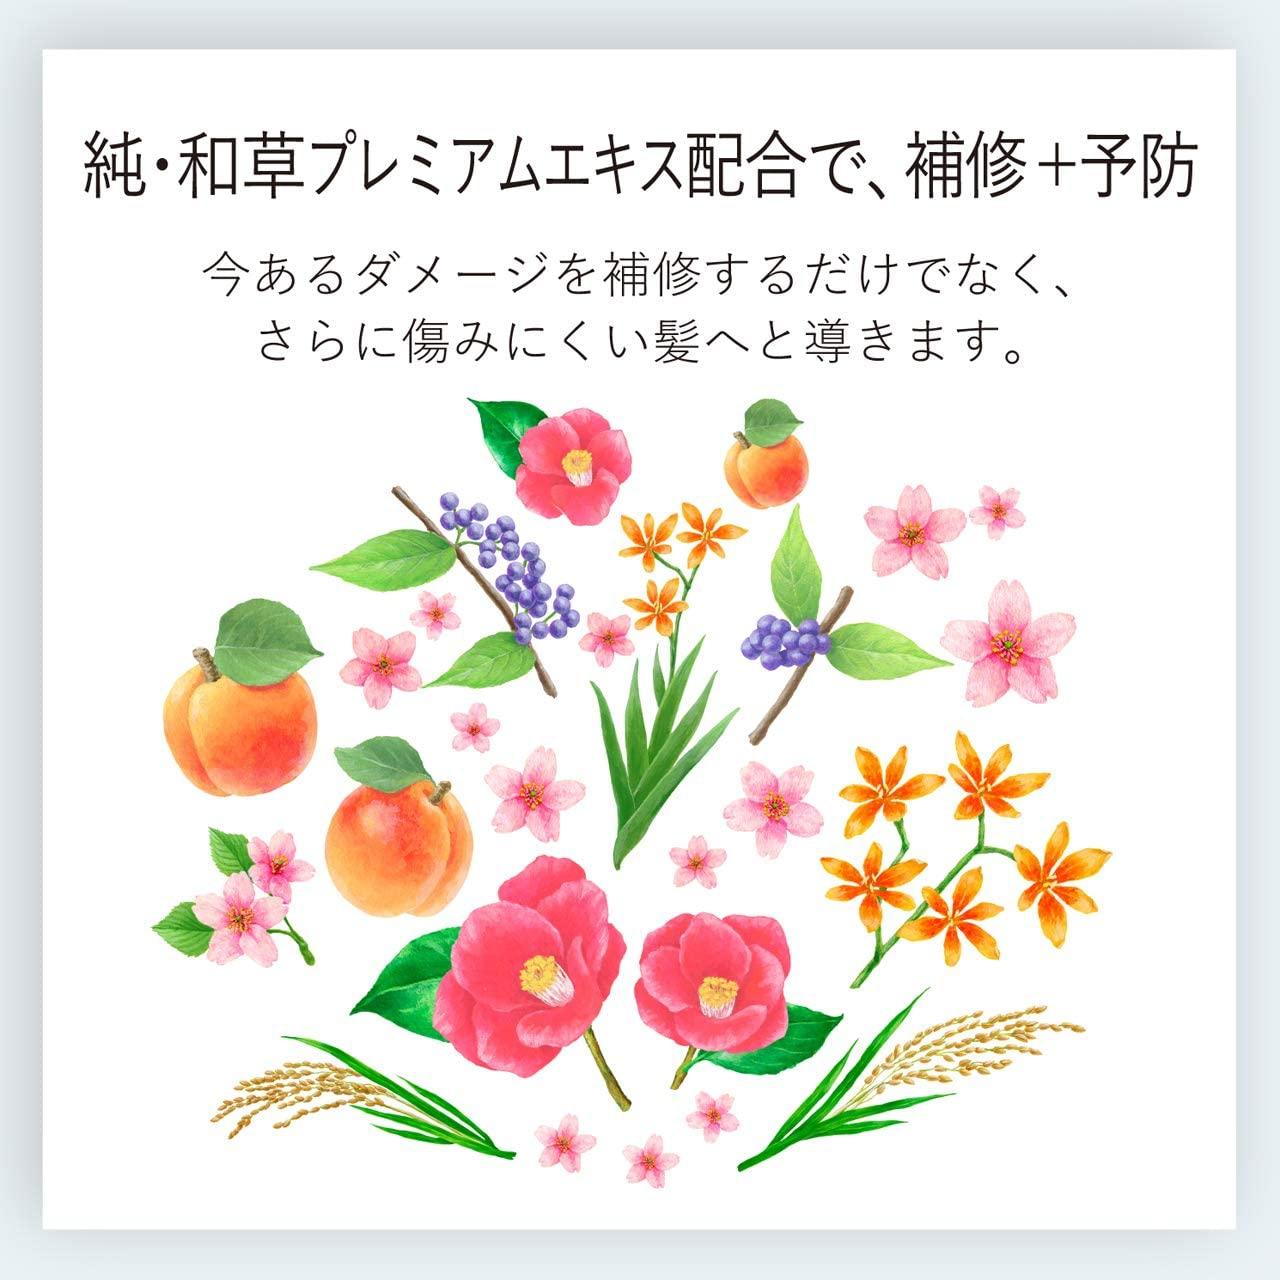 いち髪(ICHIKAMI) なめらかスムースケア トリートメントの商品画像9